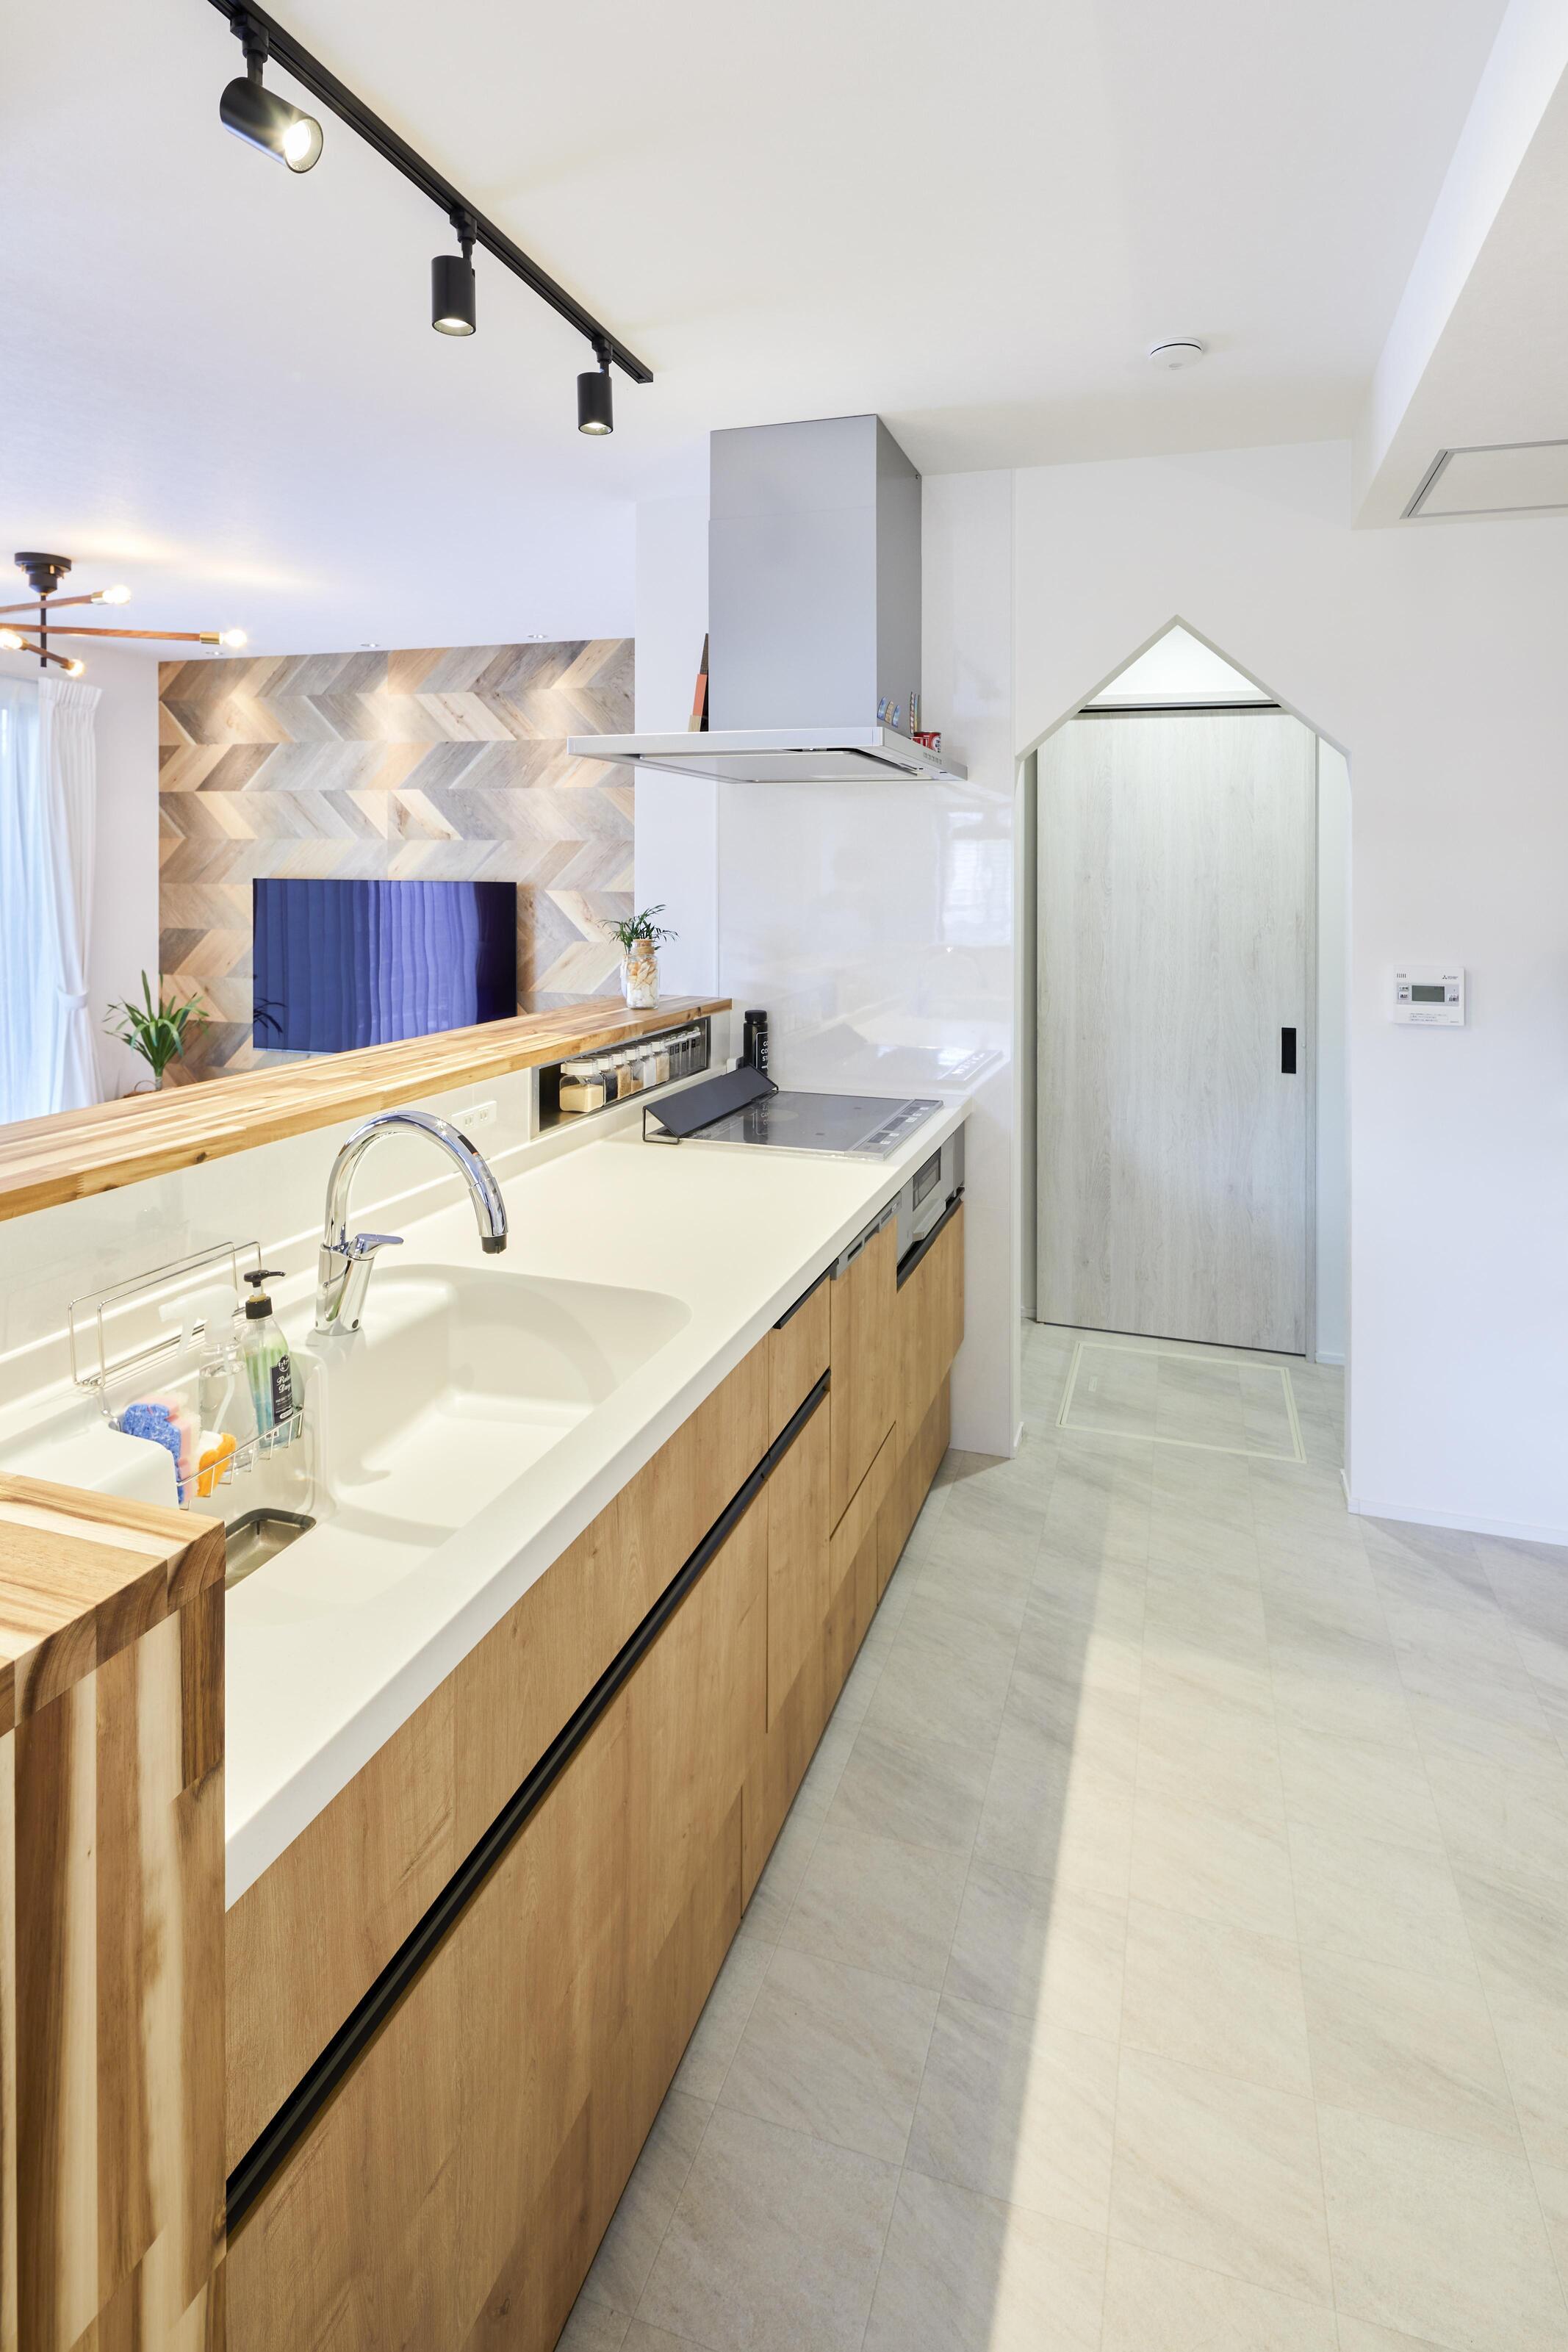 キッチンからパントリーを通って洗面脱衣所へアクセスできる。回遊しやすい間取りで家事もしやすい